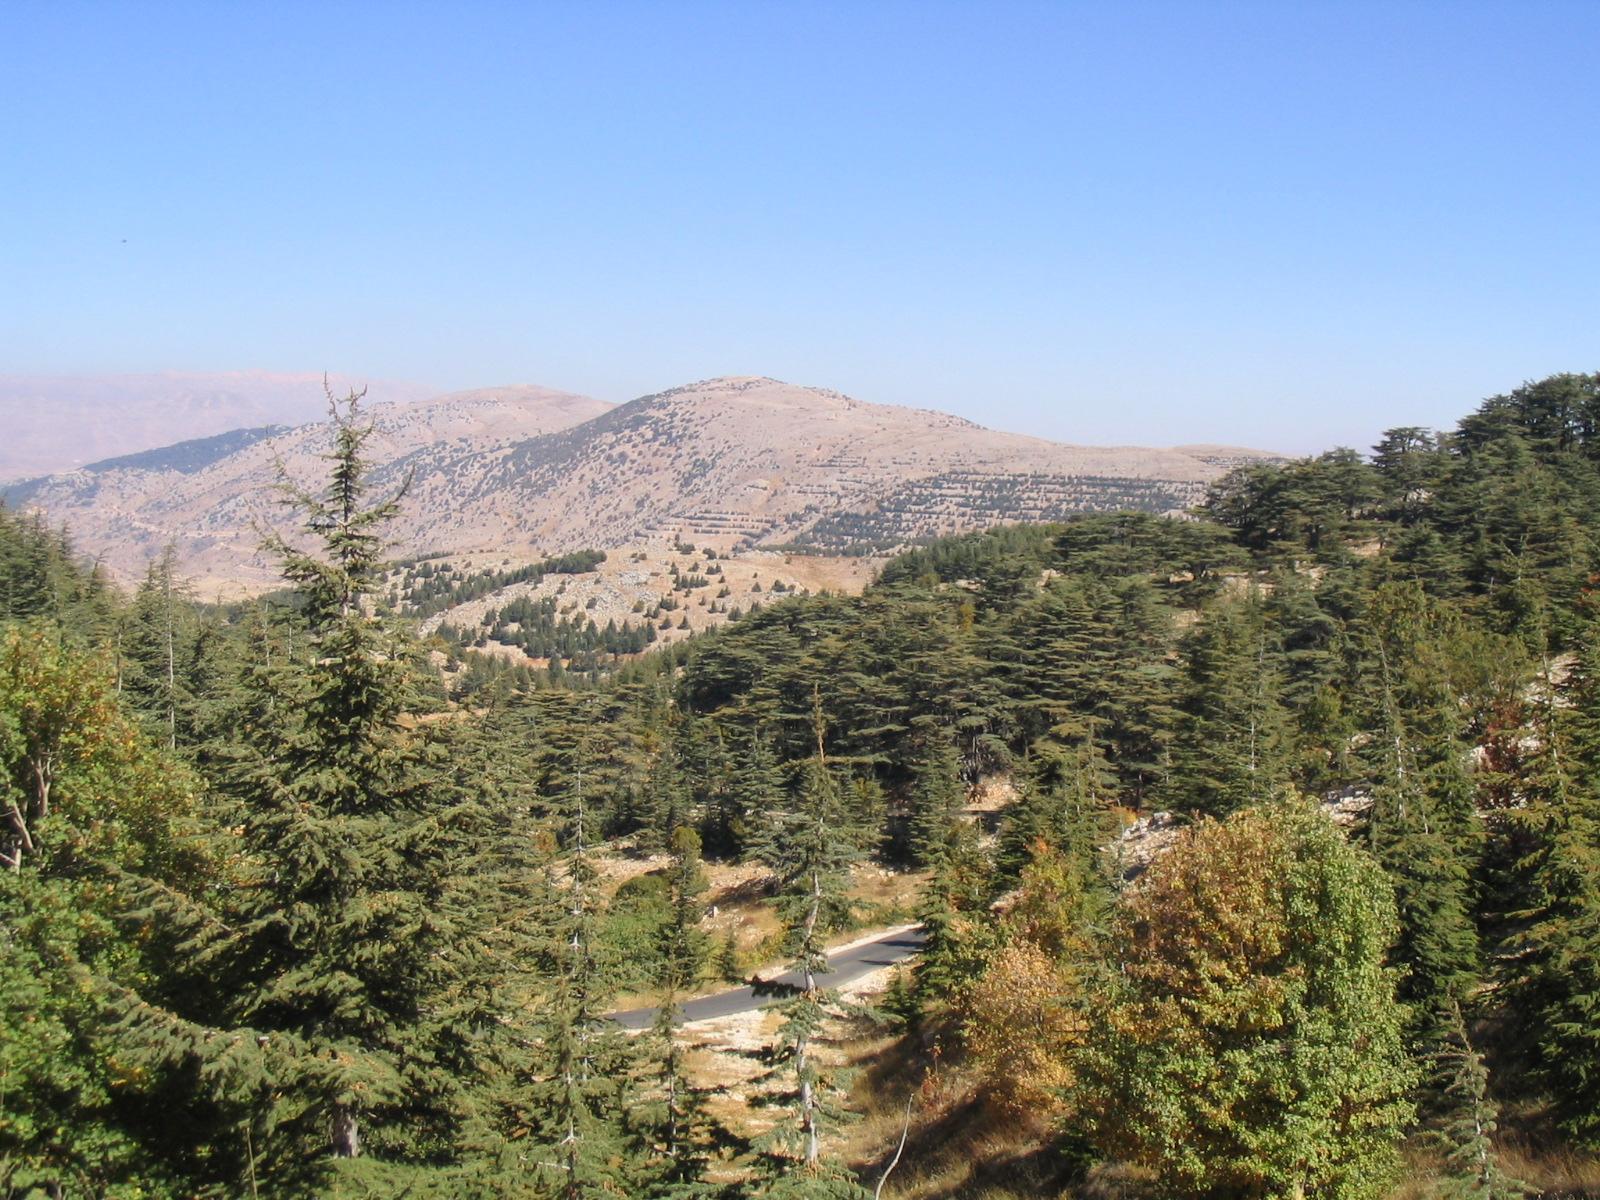 التعريف بلبنان كبلد سياحي المعلومات Barouk_Mountain.JPG